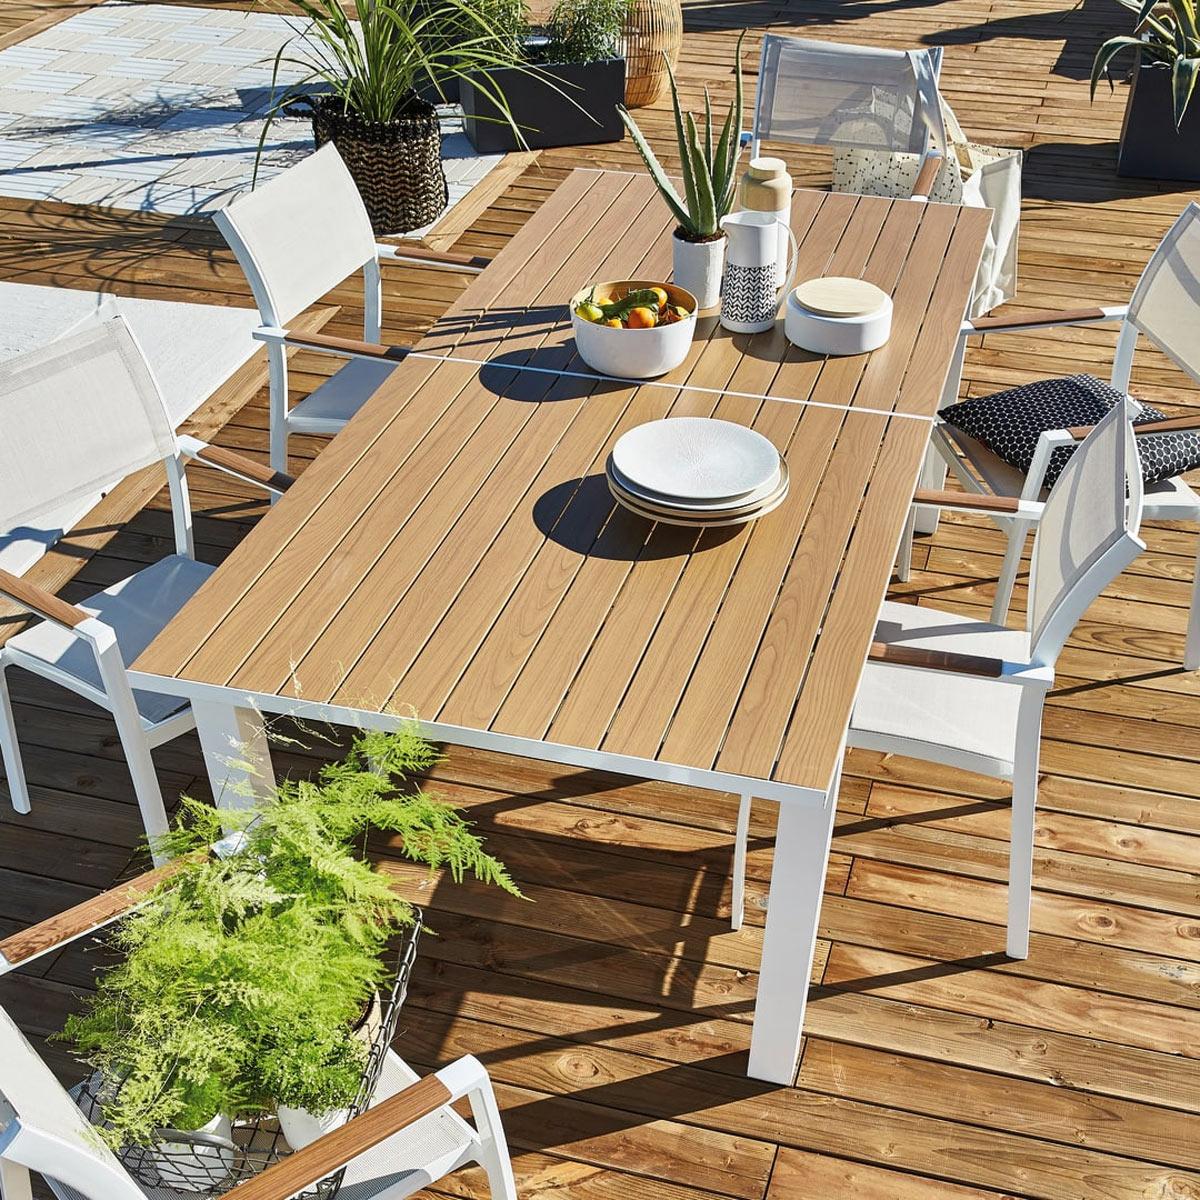 Arredo giardino 2020 Leroy Merlin, tavolo da esterno con sedie.